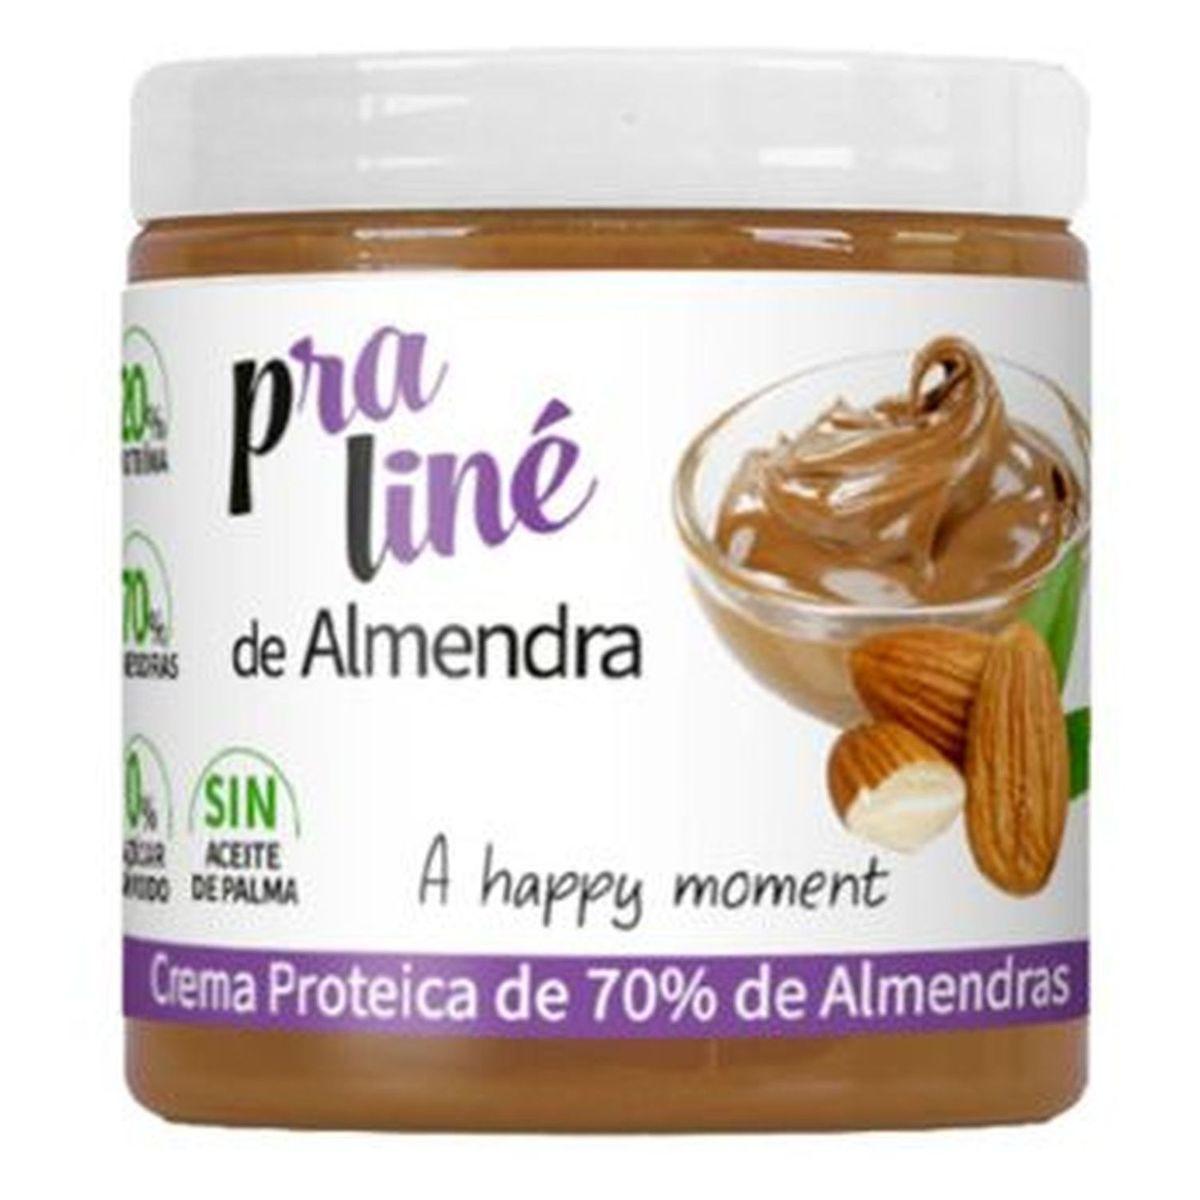 Protella - Praliné Almendra - 200g